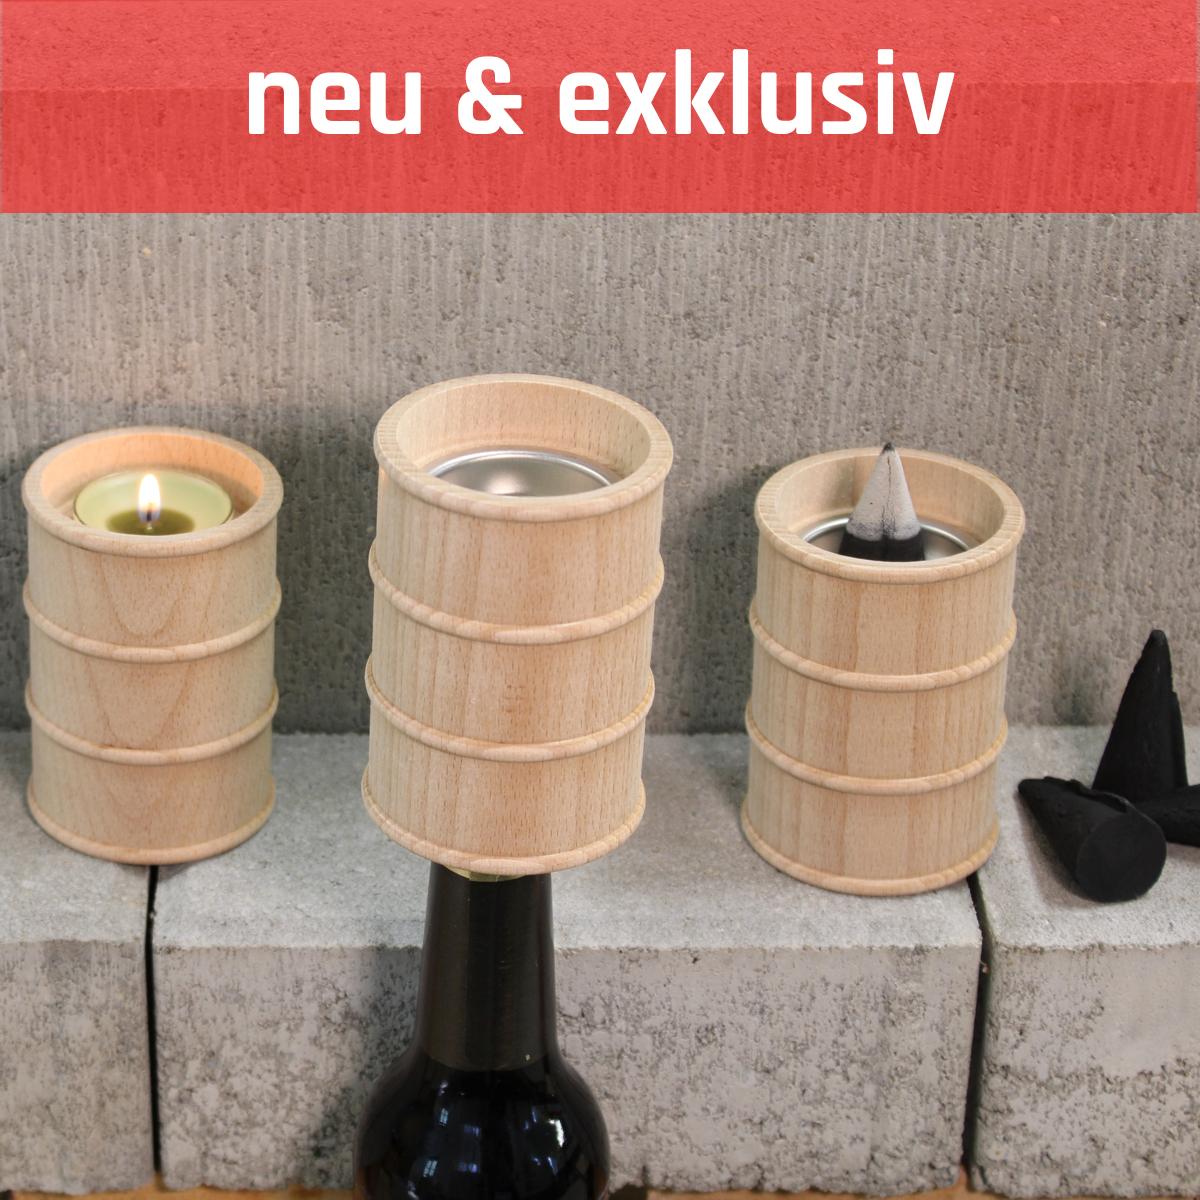 [Paket] Räuchertonne / Räucherofen für Teelicht & mit Flaschenöffner inkl. Räucherkerzen